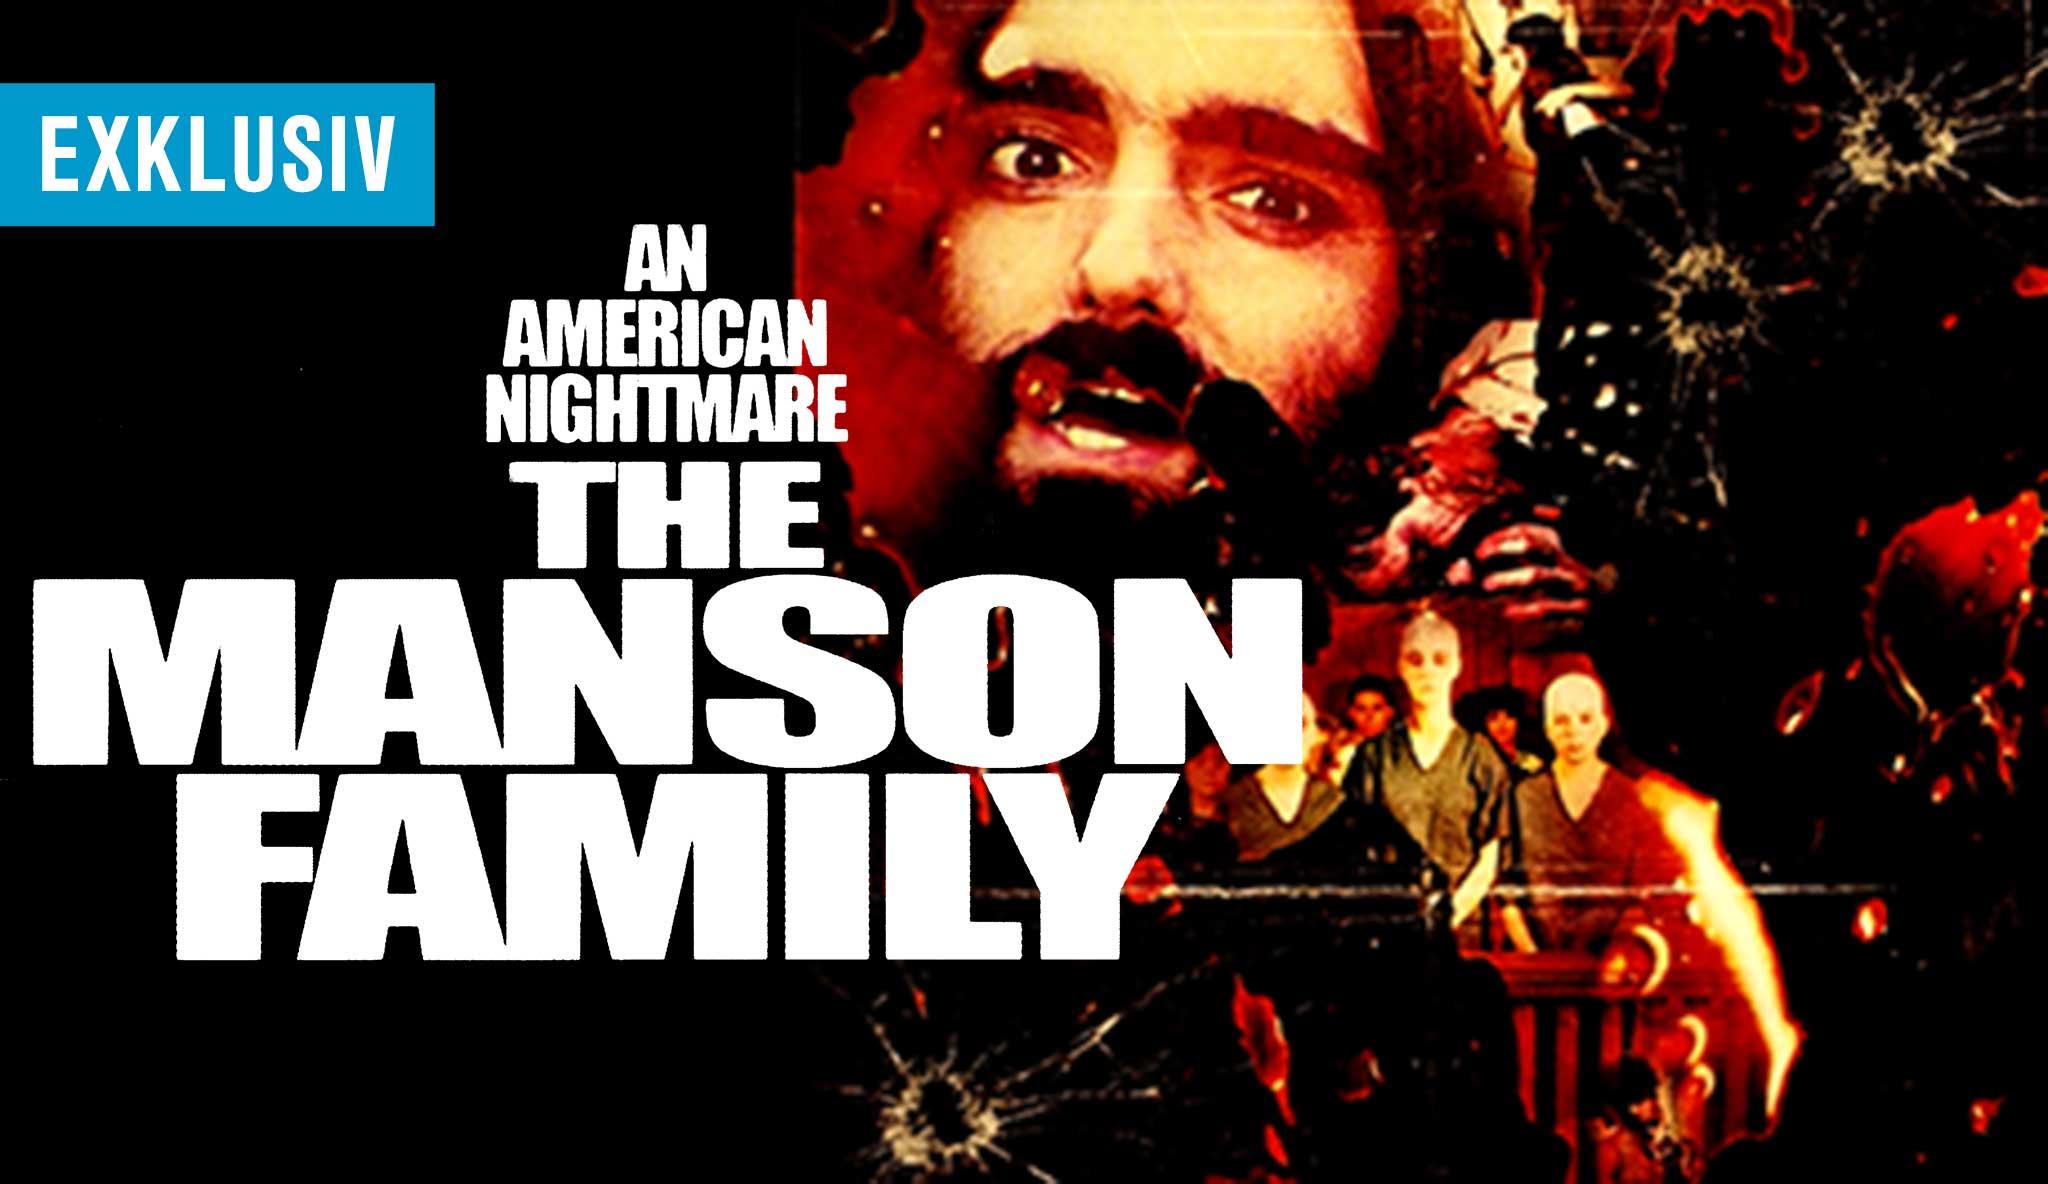 the-manson-family\header.jpg